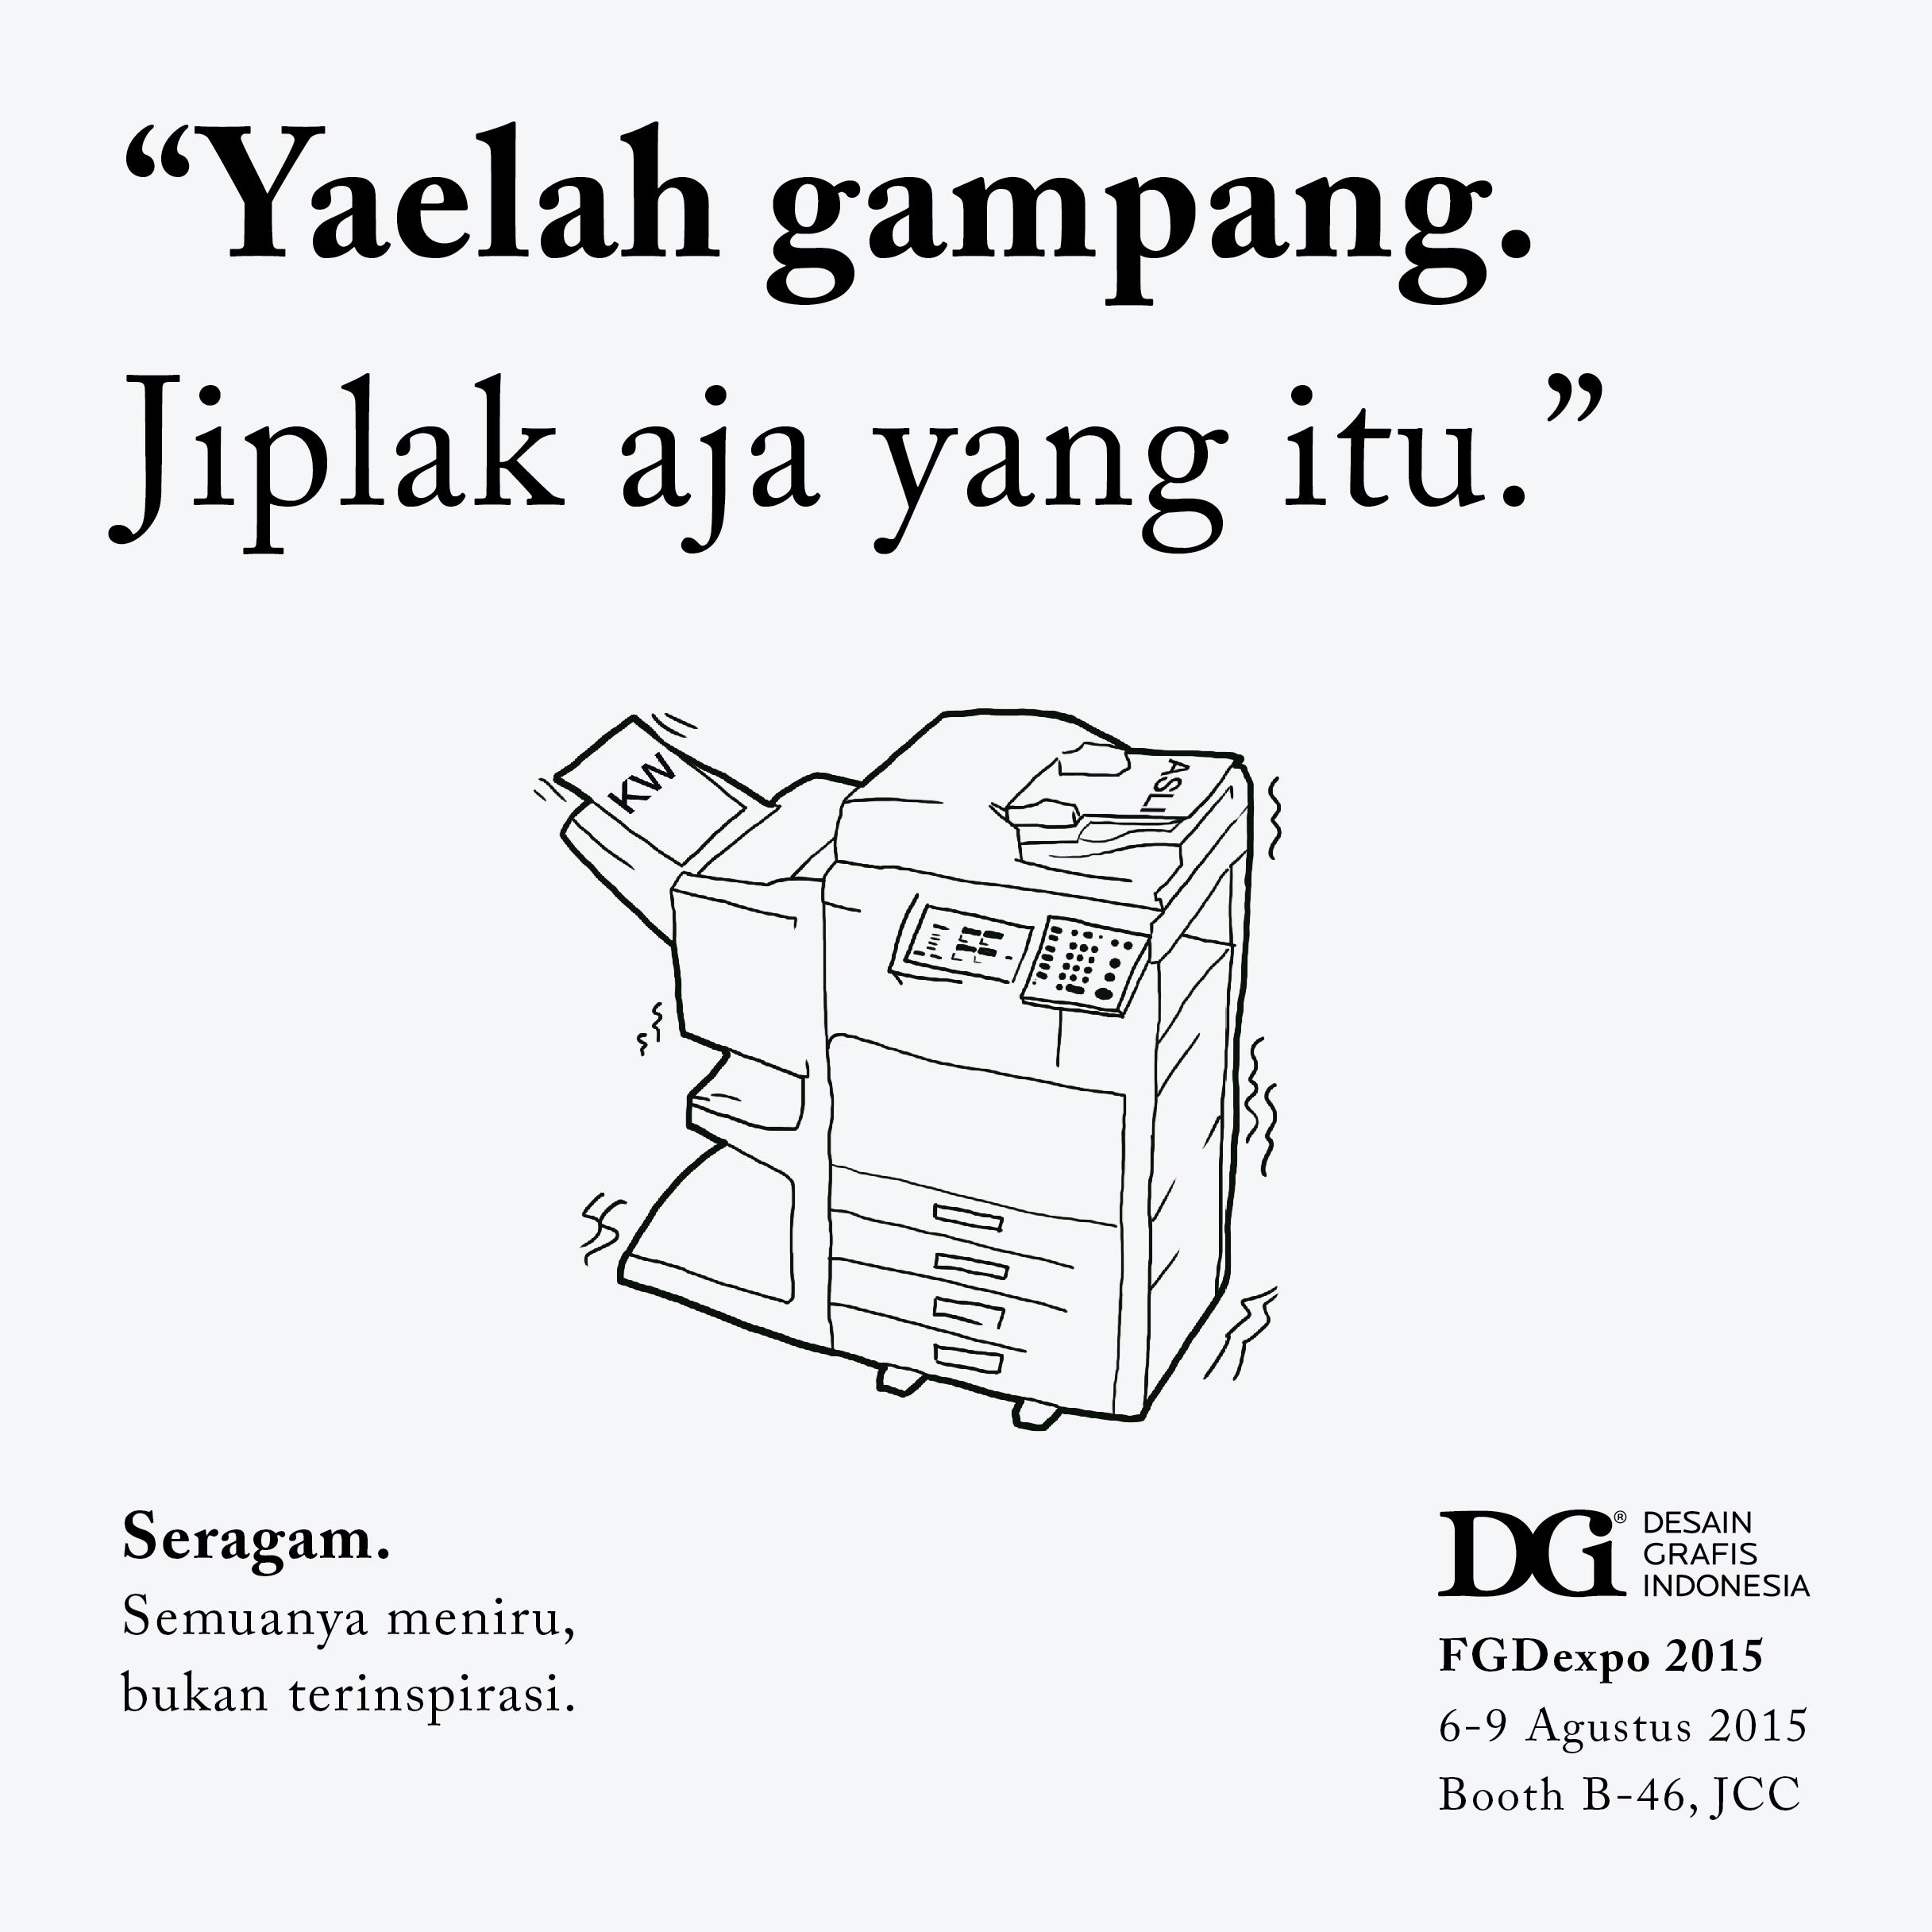 150728_DGI_CAMPAIGN_LO-01